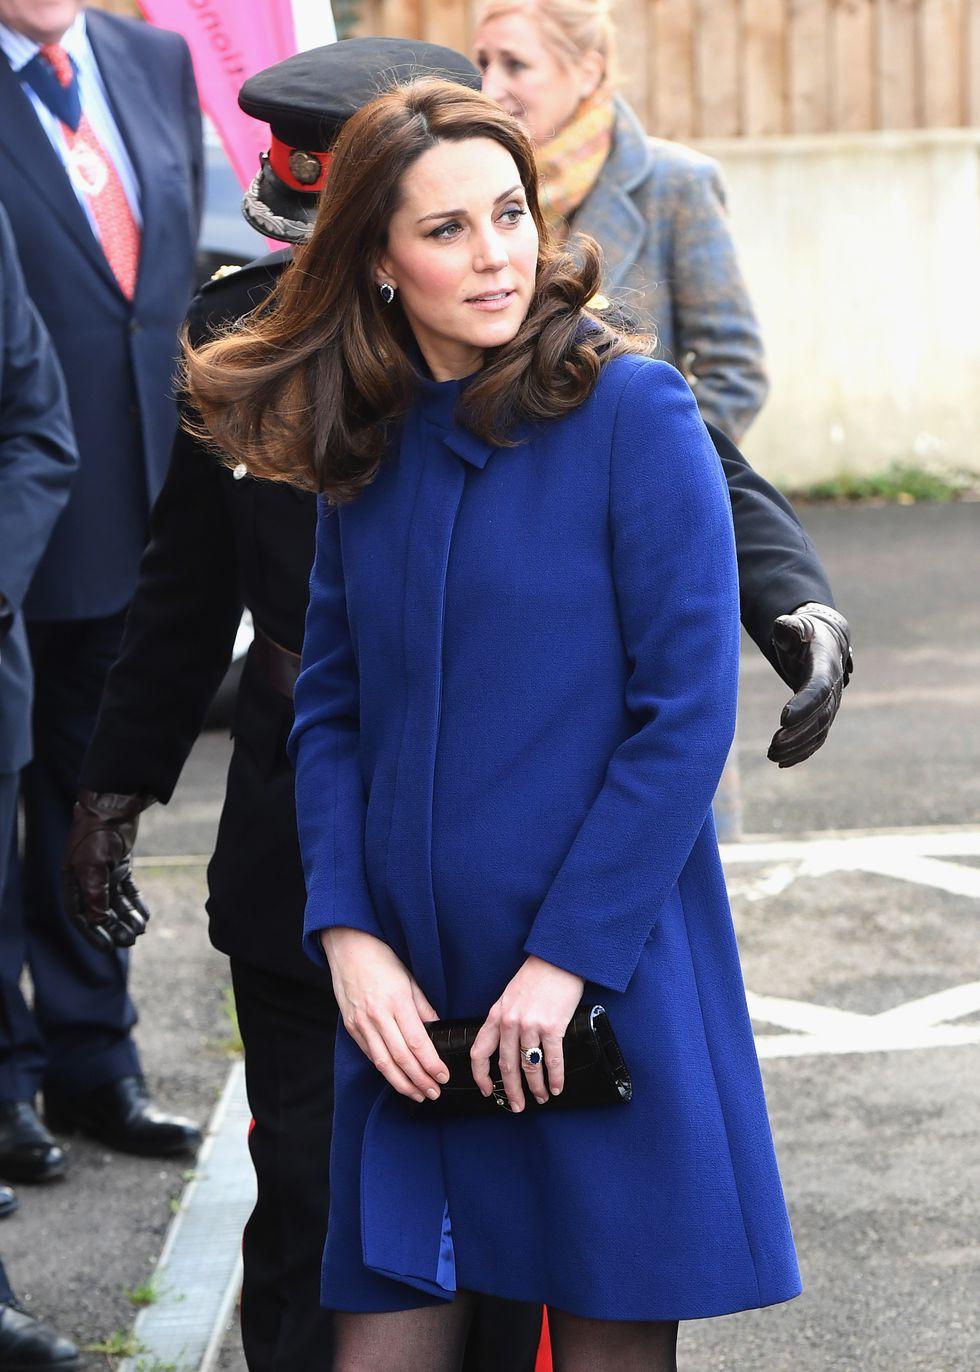 Tưởng chỉ cần ăn mặc trang nhã là đủ, hóa ra thành viên hoàng gia Anh phải tuân thủ cả chục quy tắc thời trang khắt khe - Ảnh 5.